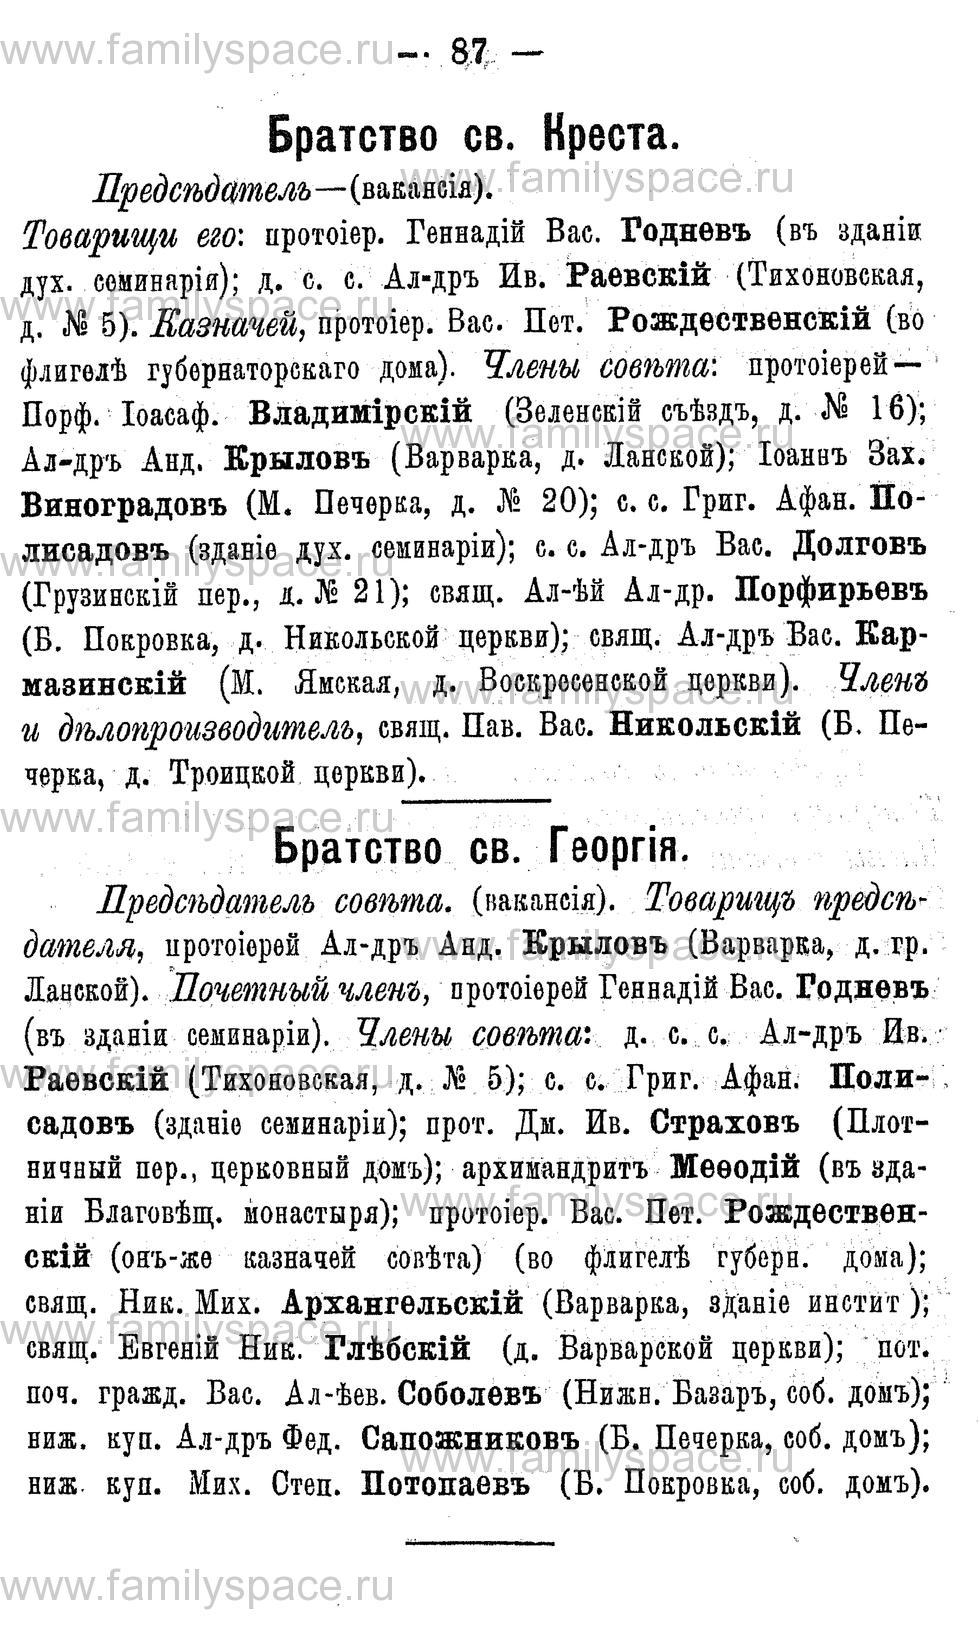 Поиск по фамилии - Адрес-календарь Нижегородской губернии на 1891 год, страница 87